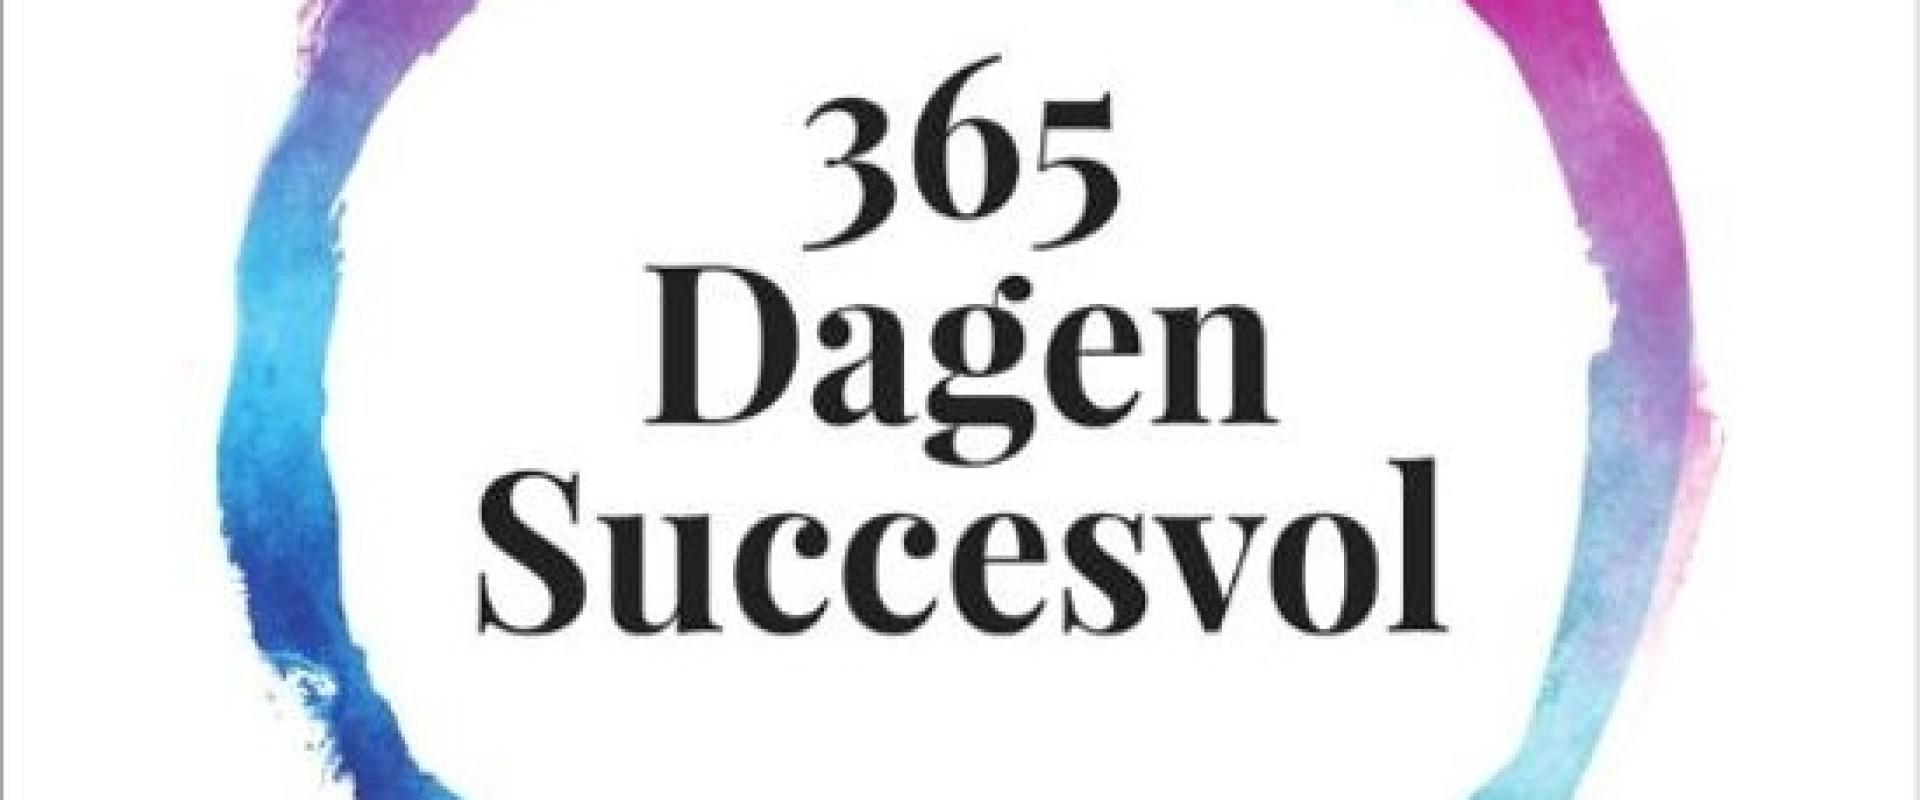 365 dagen succesvol: wordt dit jouw jaar?